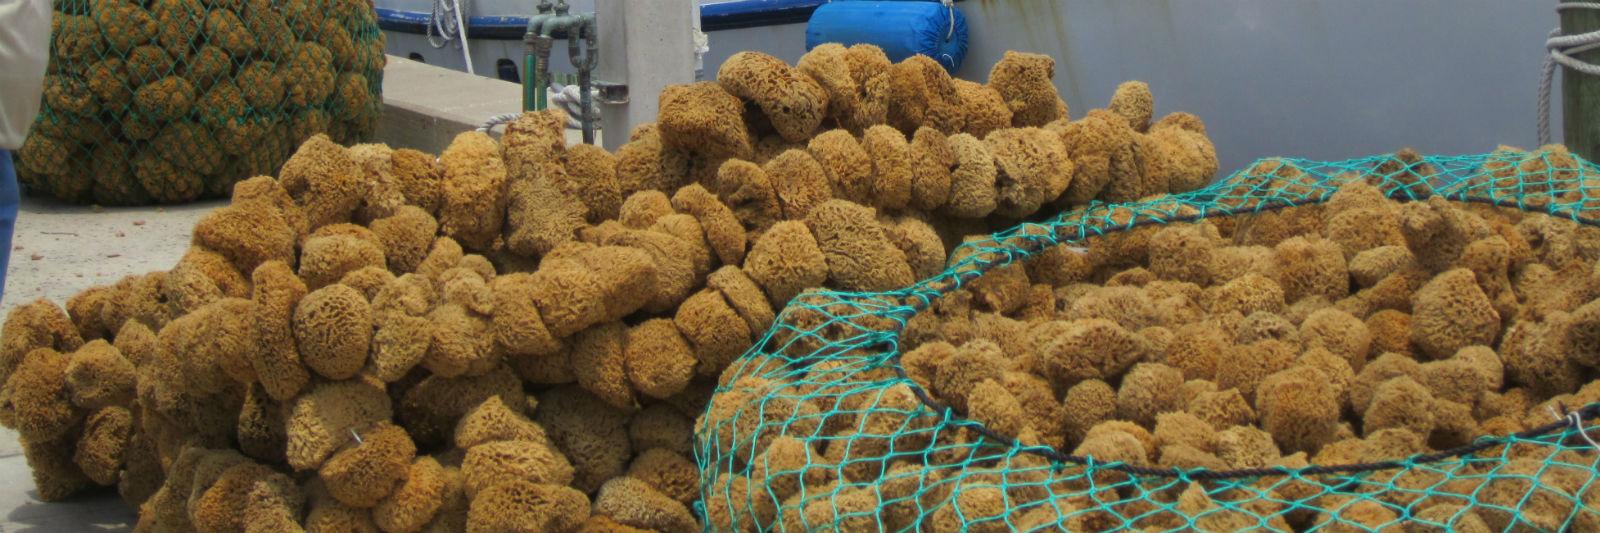 sponge-harvest2.jpg